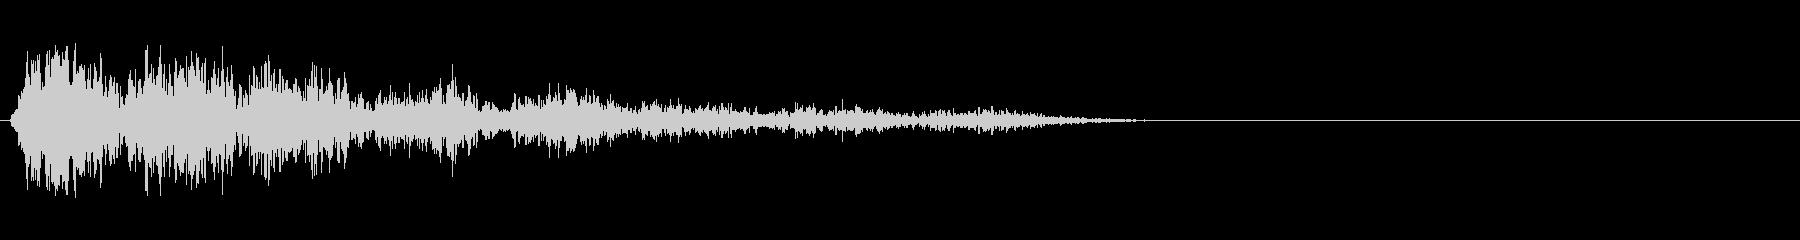 グランドピアノ:タンブルダウン、漫...の未再生の波形